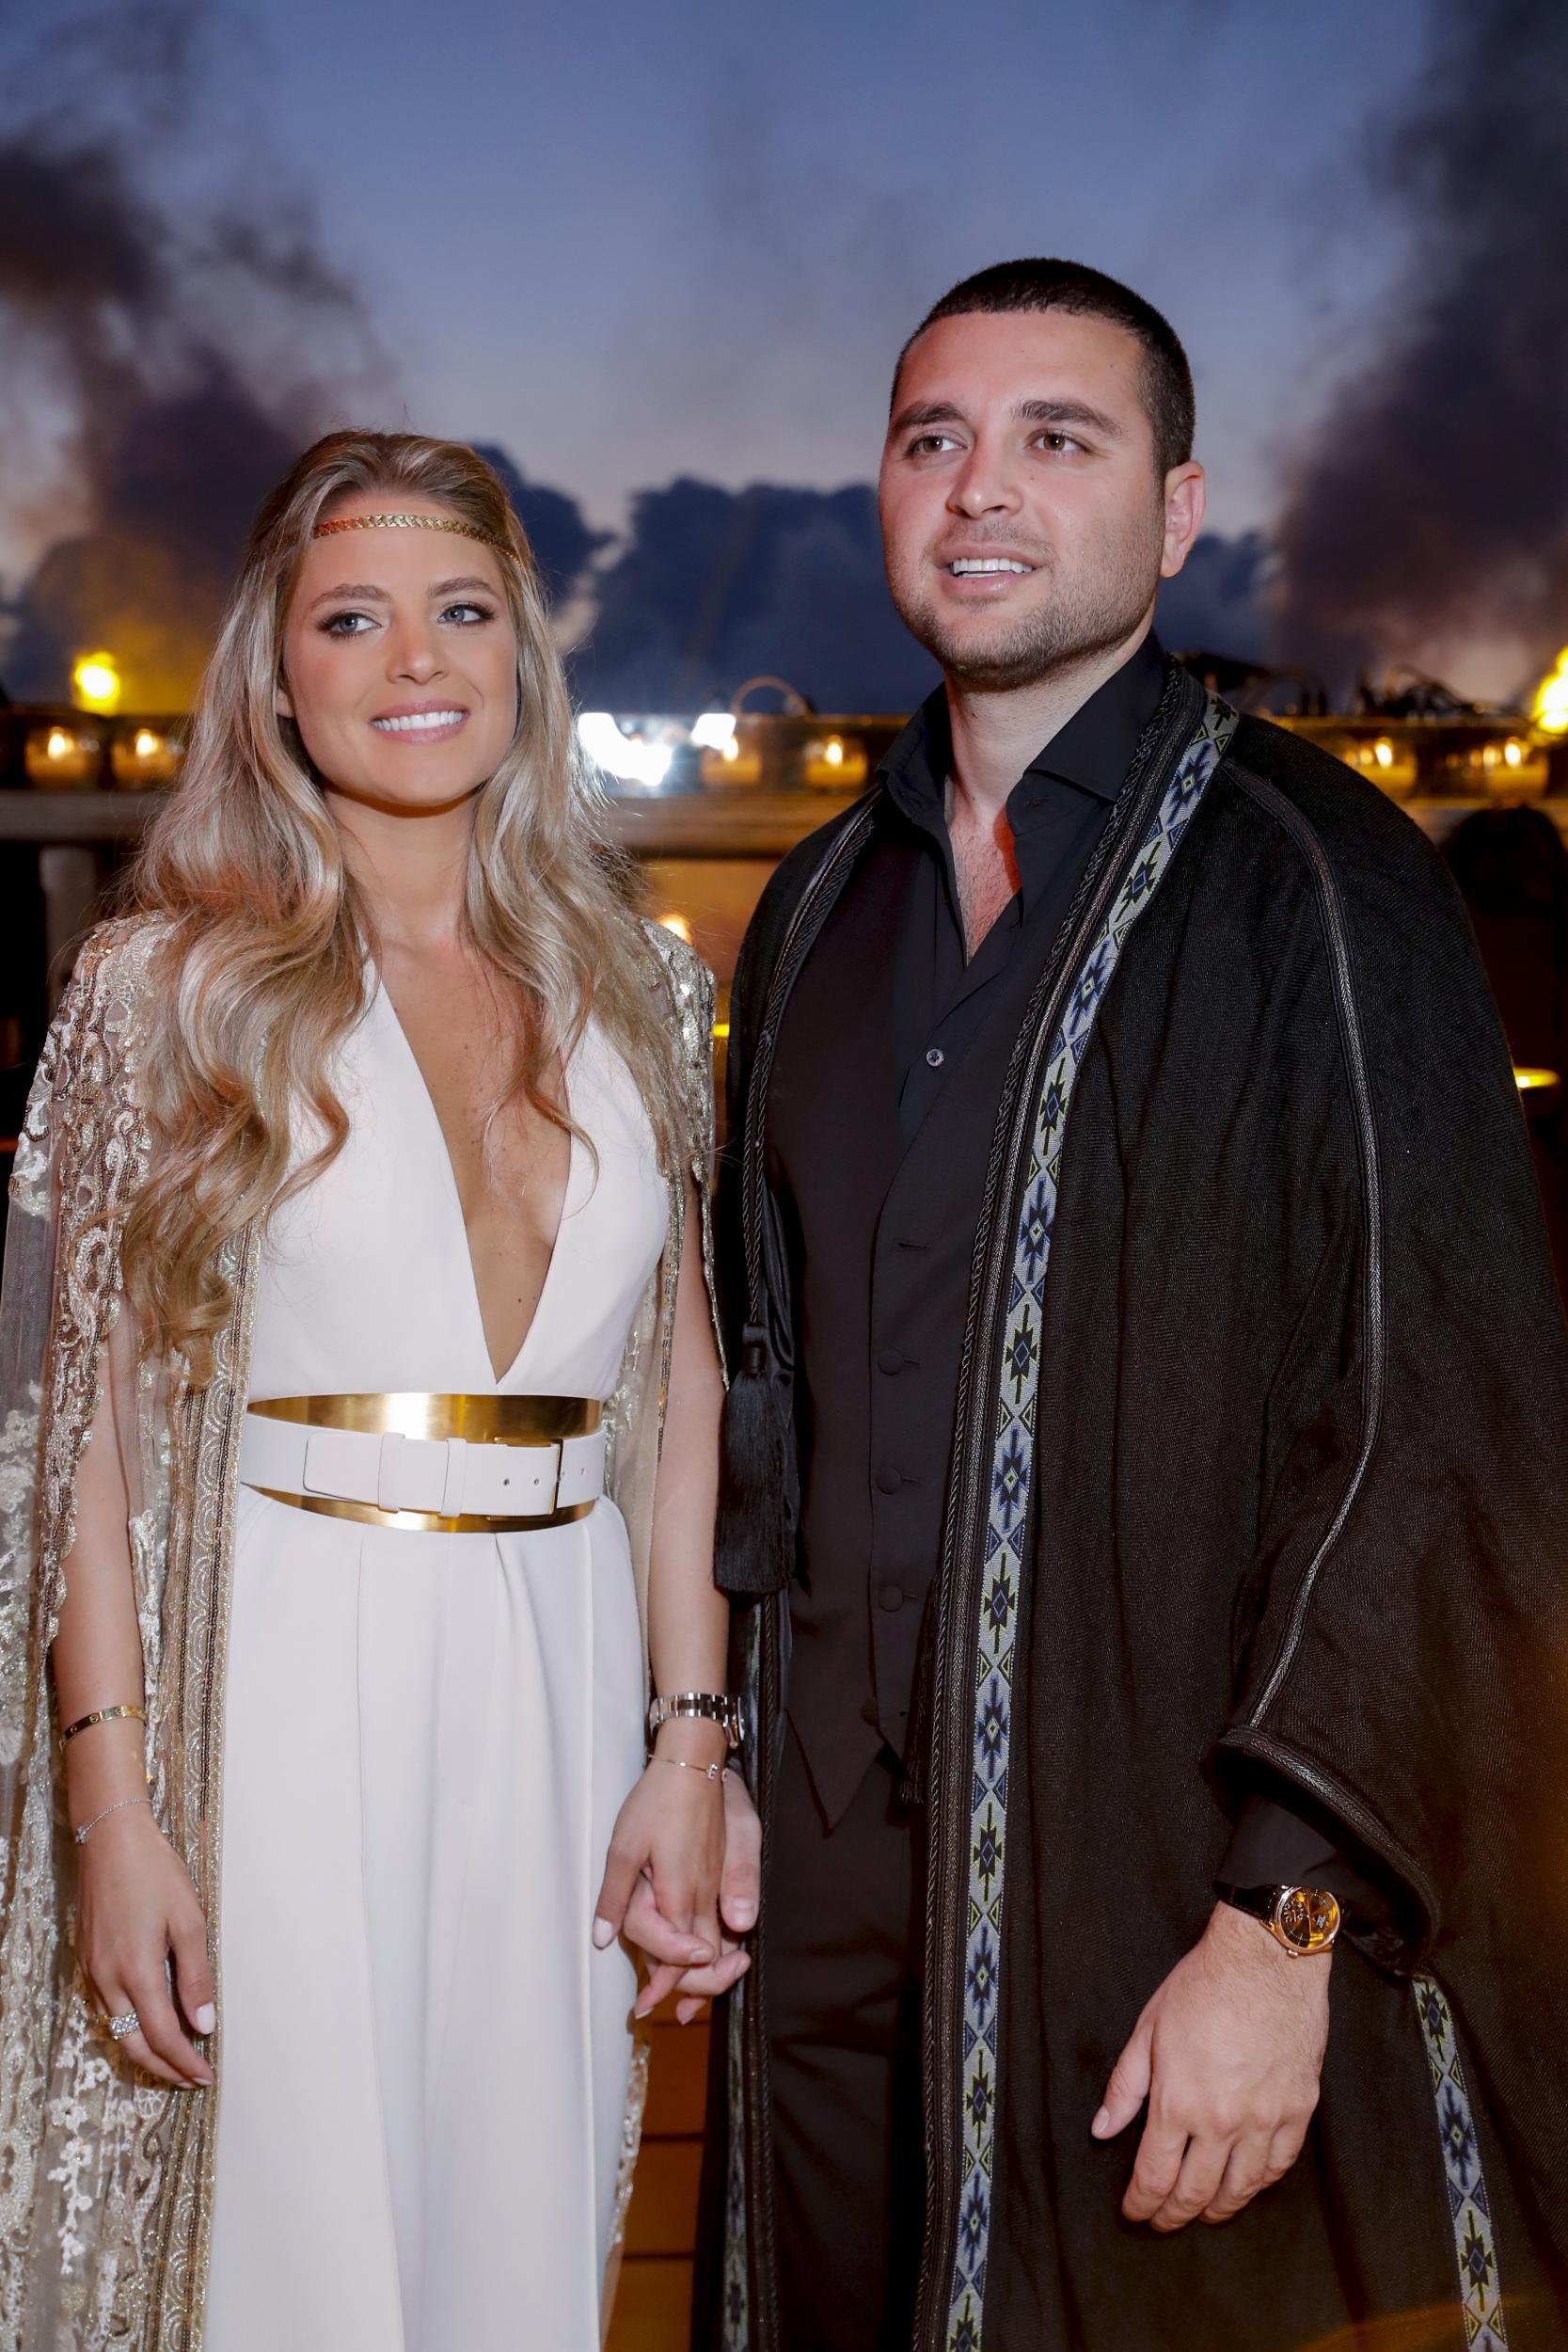 Không hổ danh con dâu nhà mốt Elie Saab: Được bố chồng dành tận 4 chiếc váy cưới Haute Couture, 1 trong số đó độc bản tráng lệ - Ảnh 2.